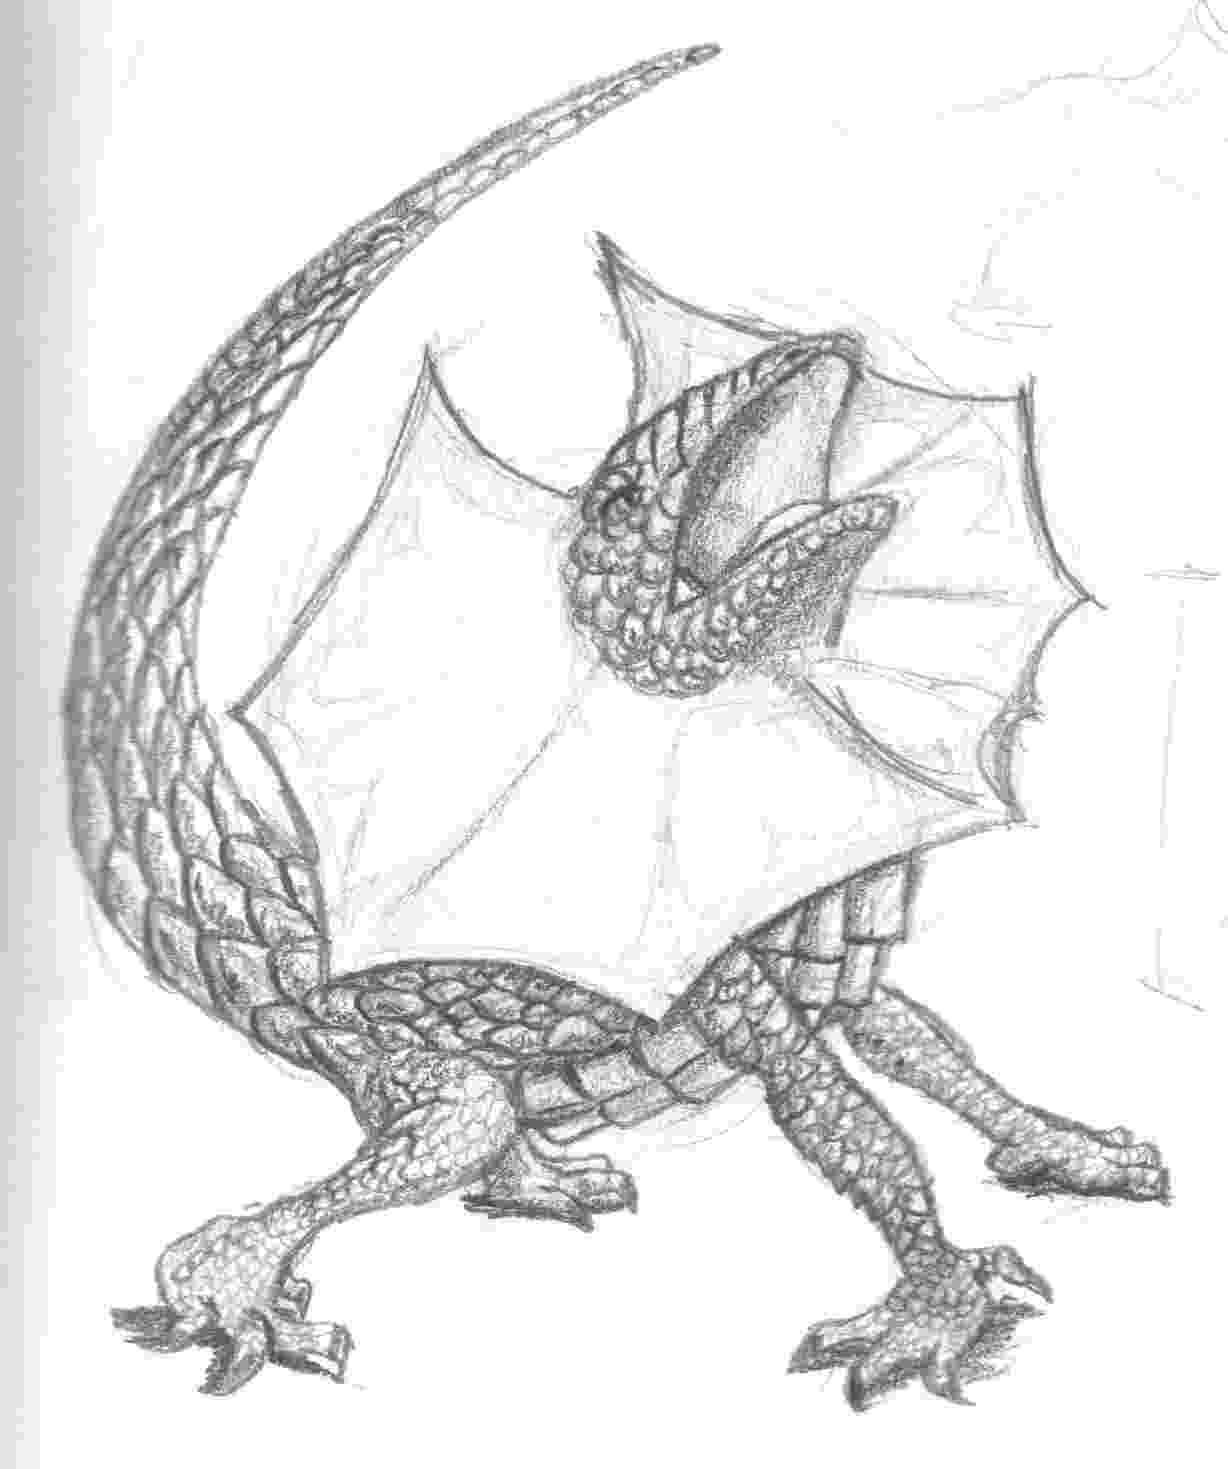 lizard sketch lizard by ashere on deviantart sketch lizard